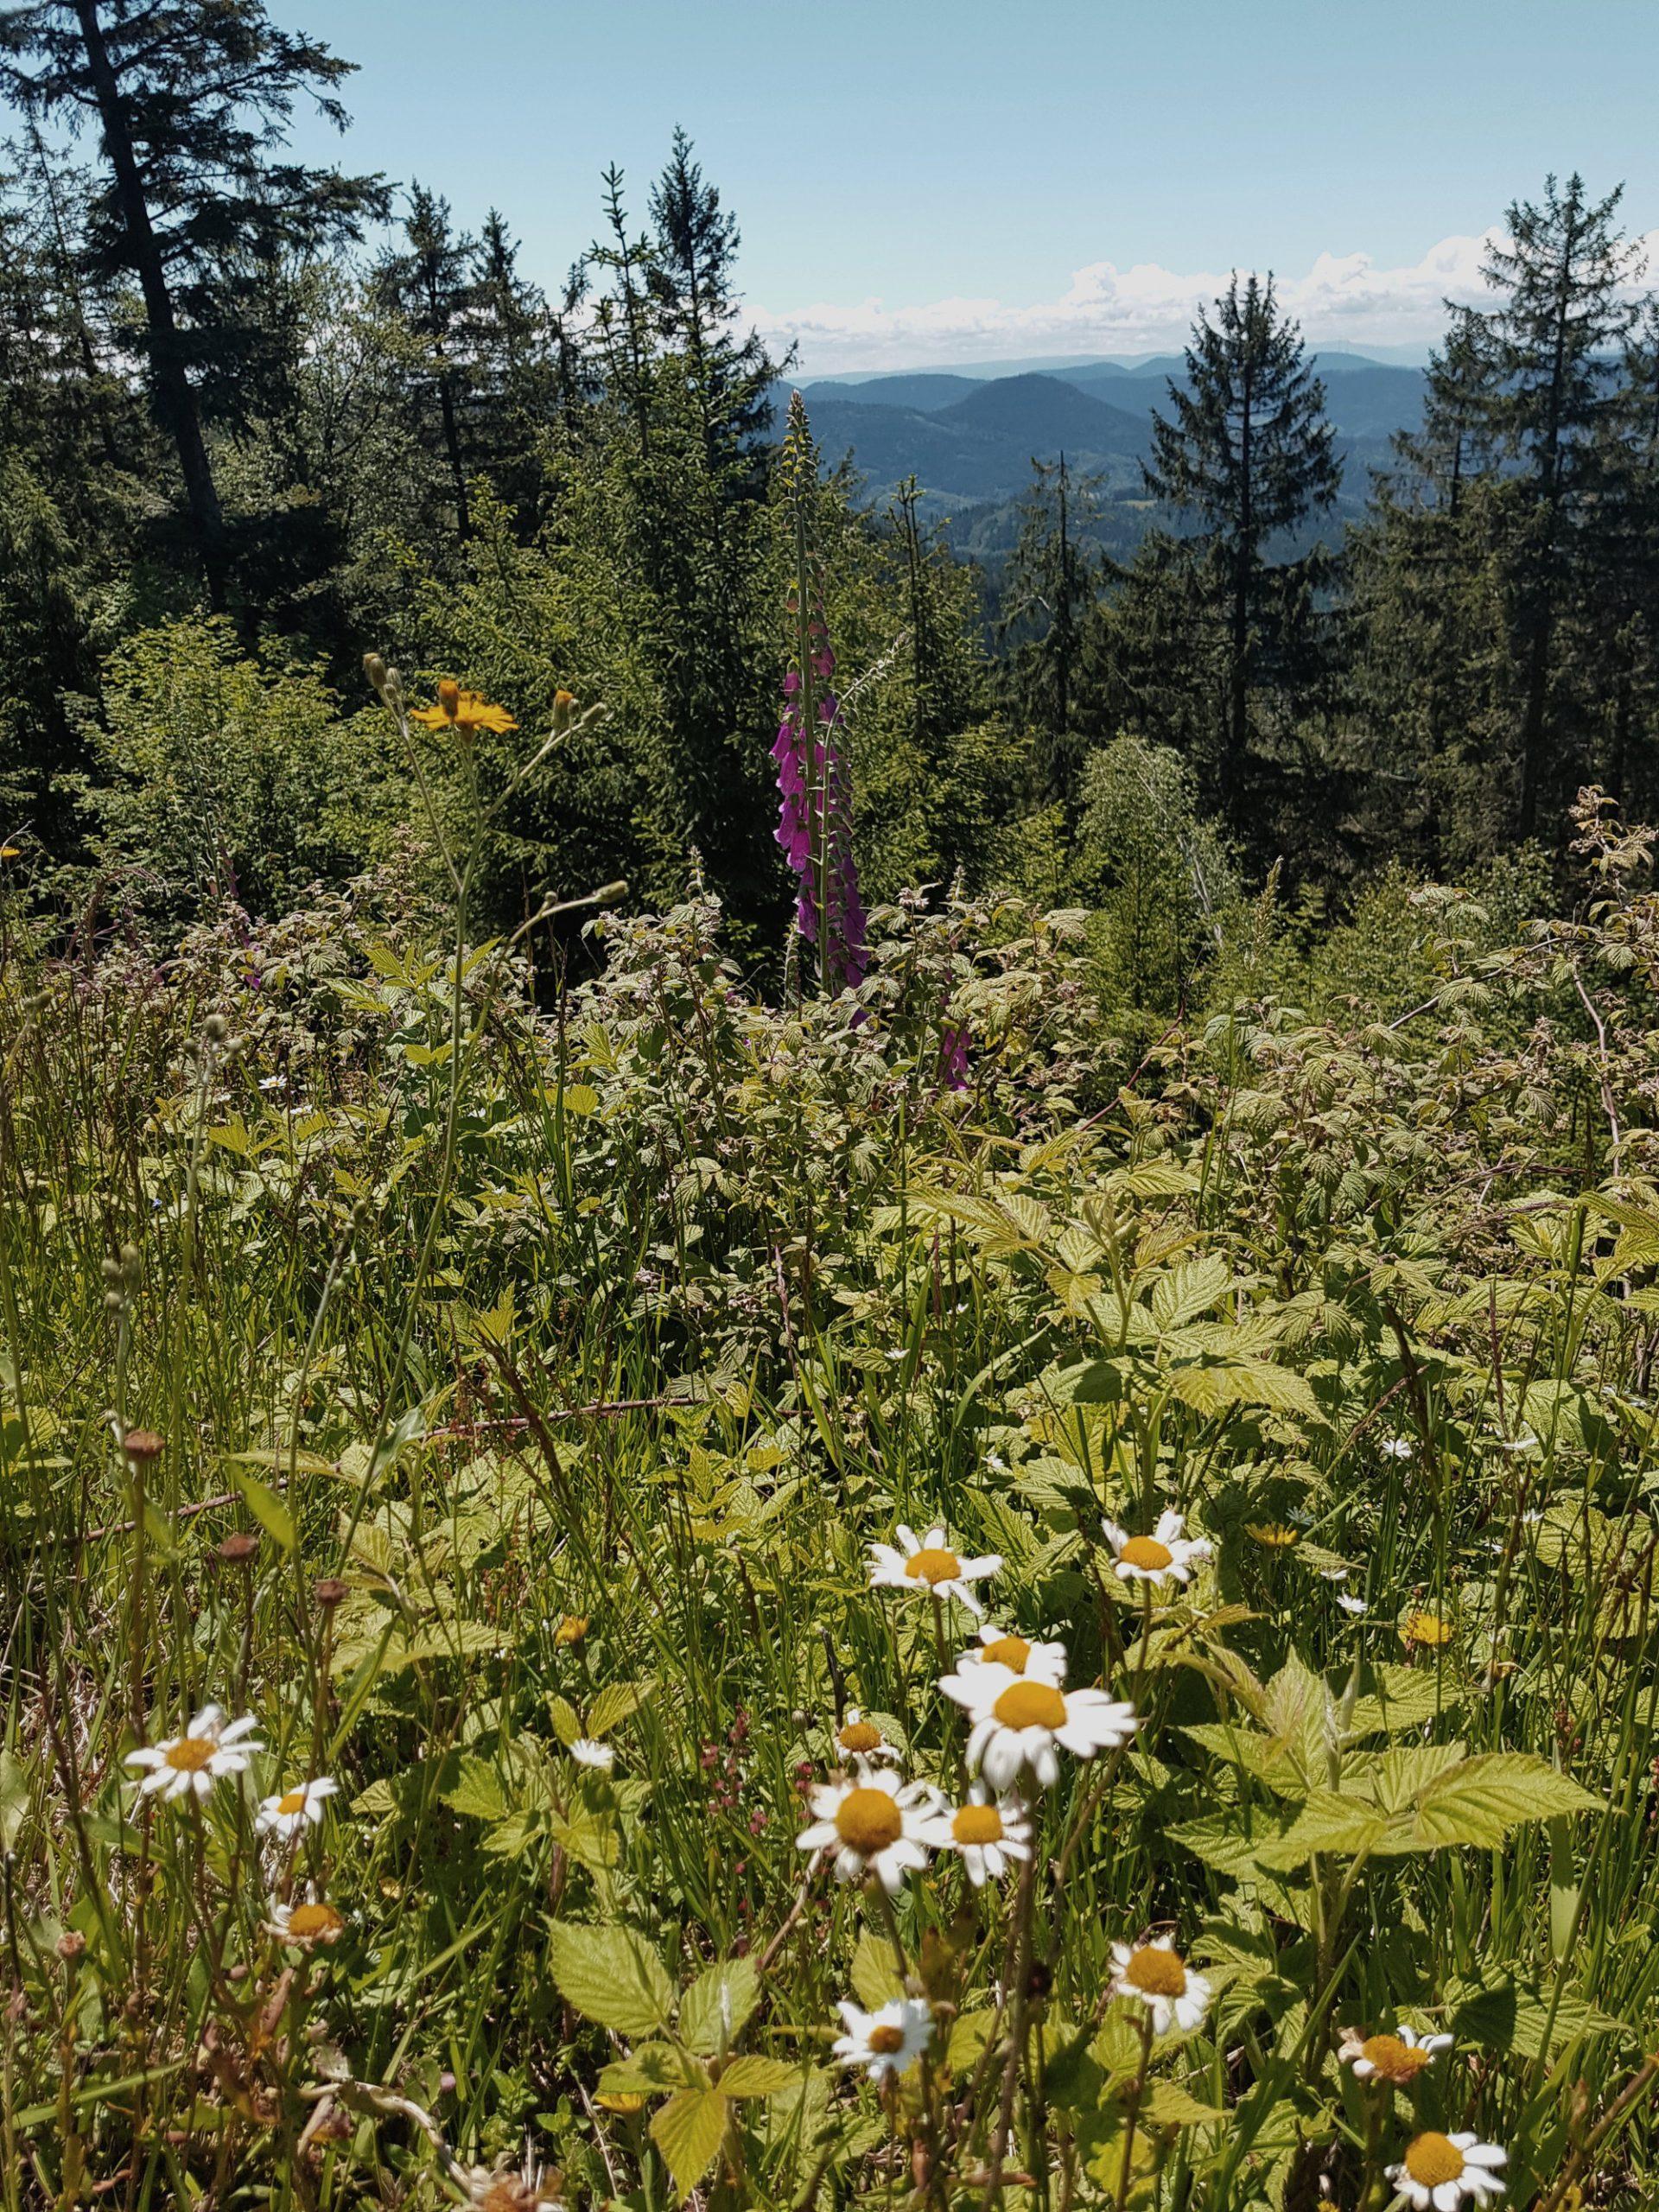 Trekking im Schwarzwald, Blüte, Natur, Pflanzen, Ausblick, Berge